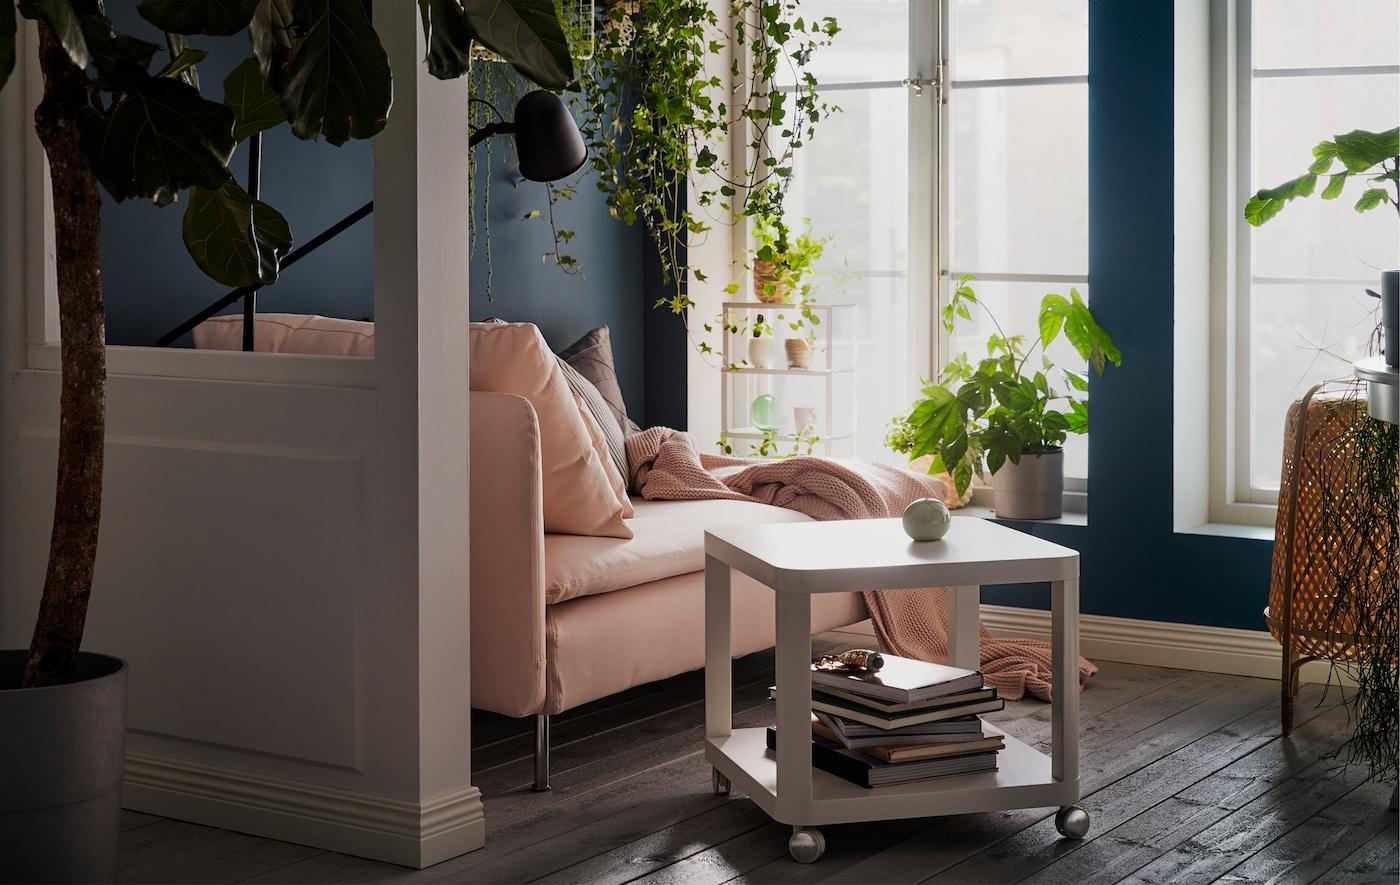 太陽の光が入る広い窓と寝椅子。クッションとひざ掛け、読書灯。窓辺やウォールシェルフに植物を置いている。